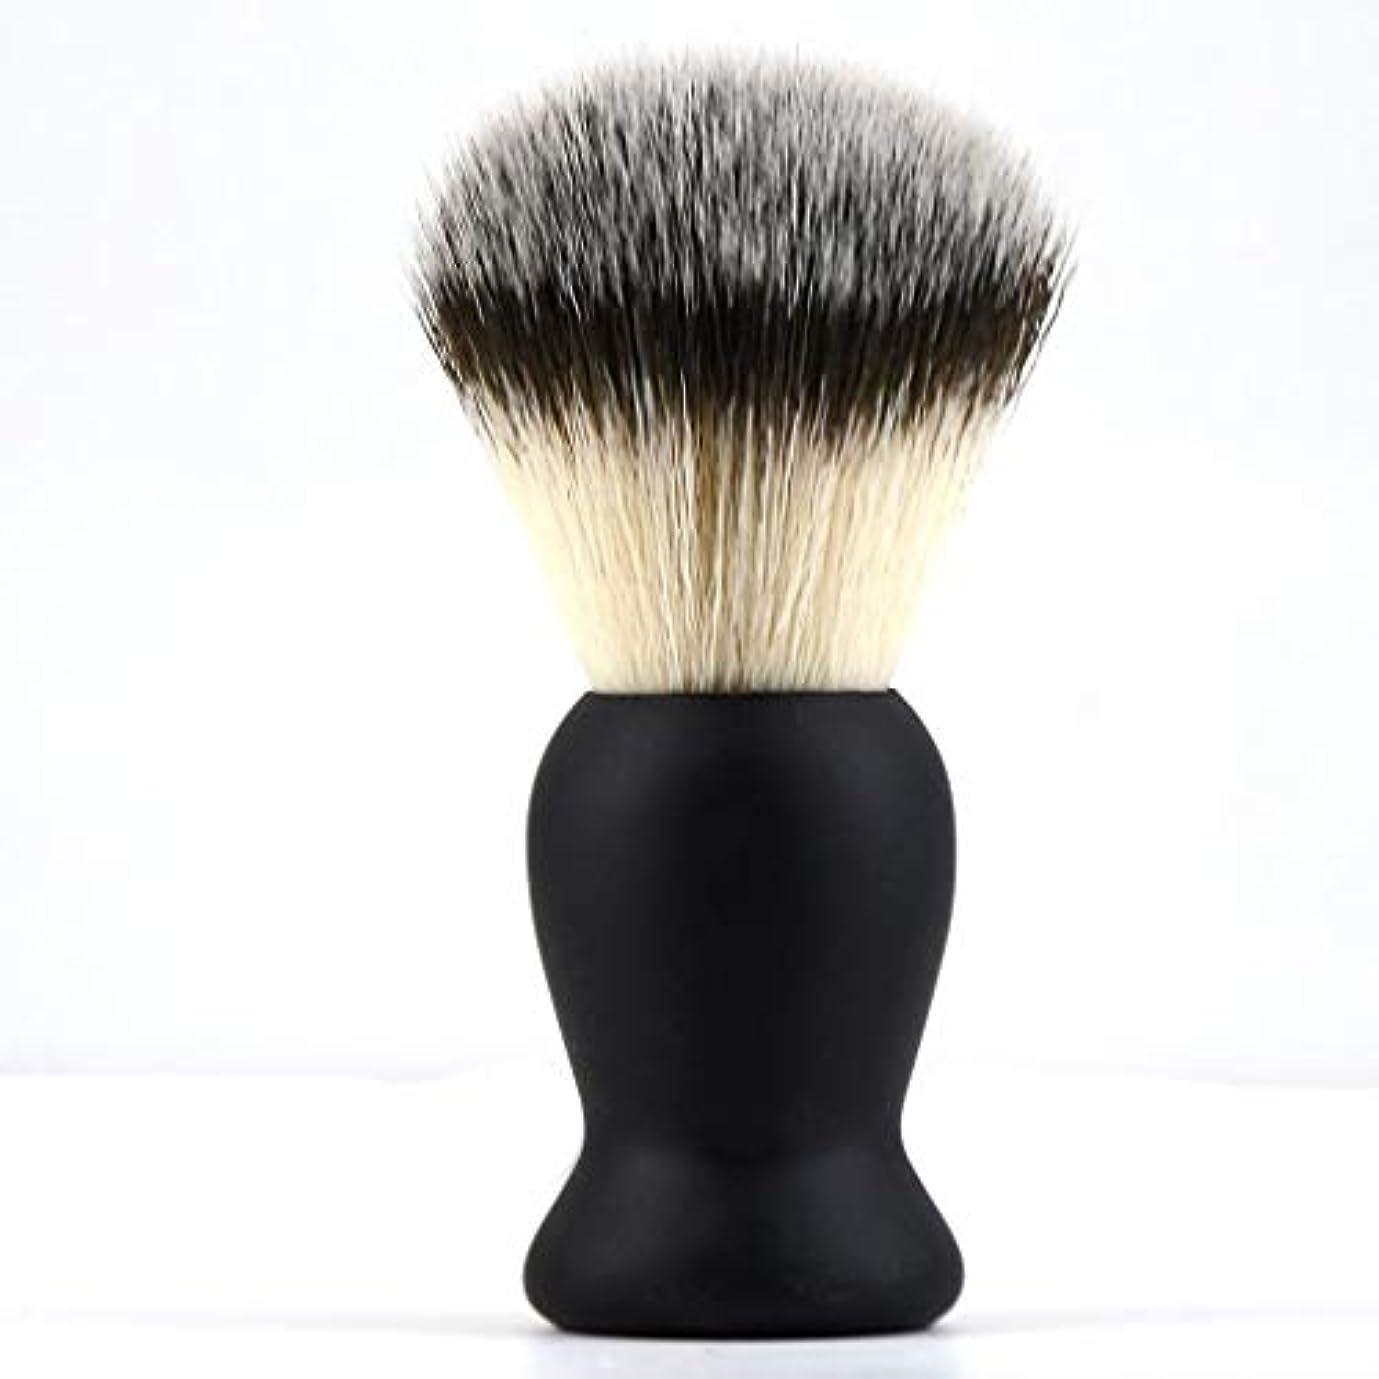 活気づくずるい発送Hellery 髭剃り ブラシ シェービングブラシ ひげブラシ サロン ナイロン毛 柔らかい ひげ剃り 理容 便携